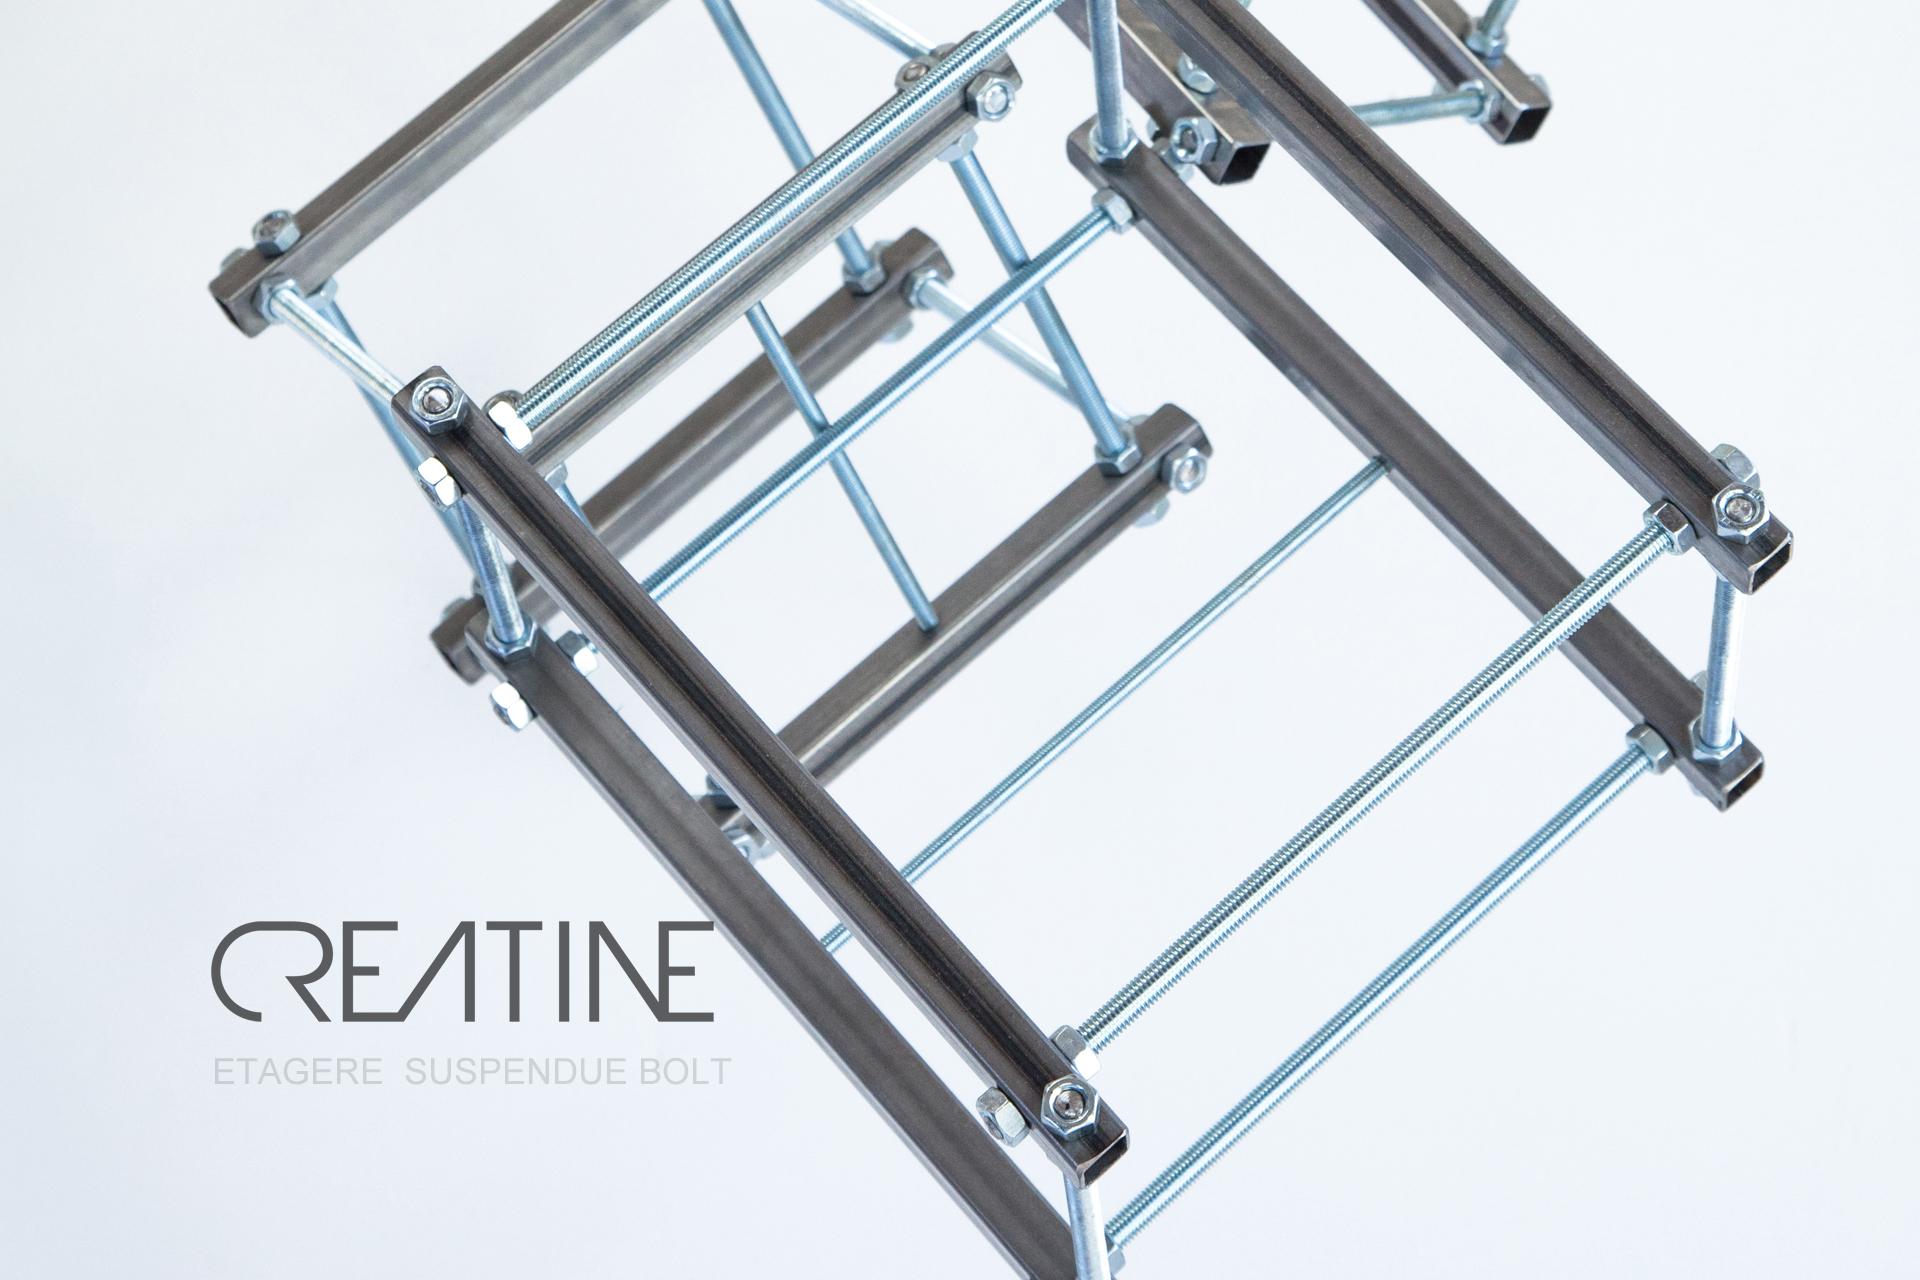 Photographie publicitaire etagere BOLT pour la marque CREATINE